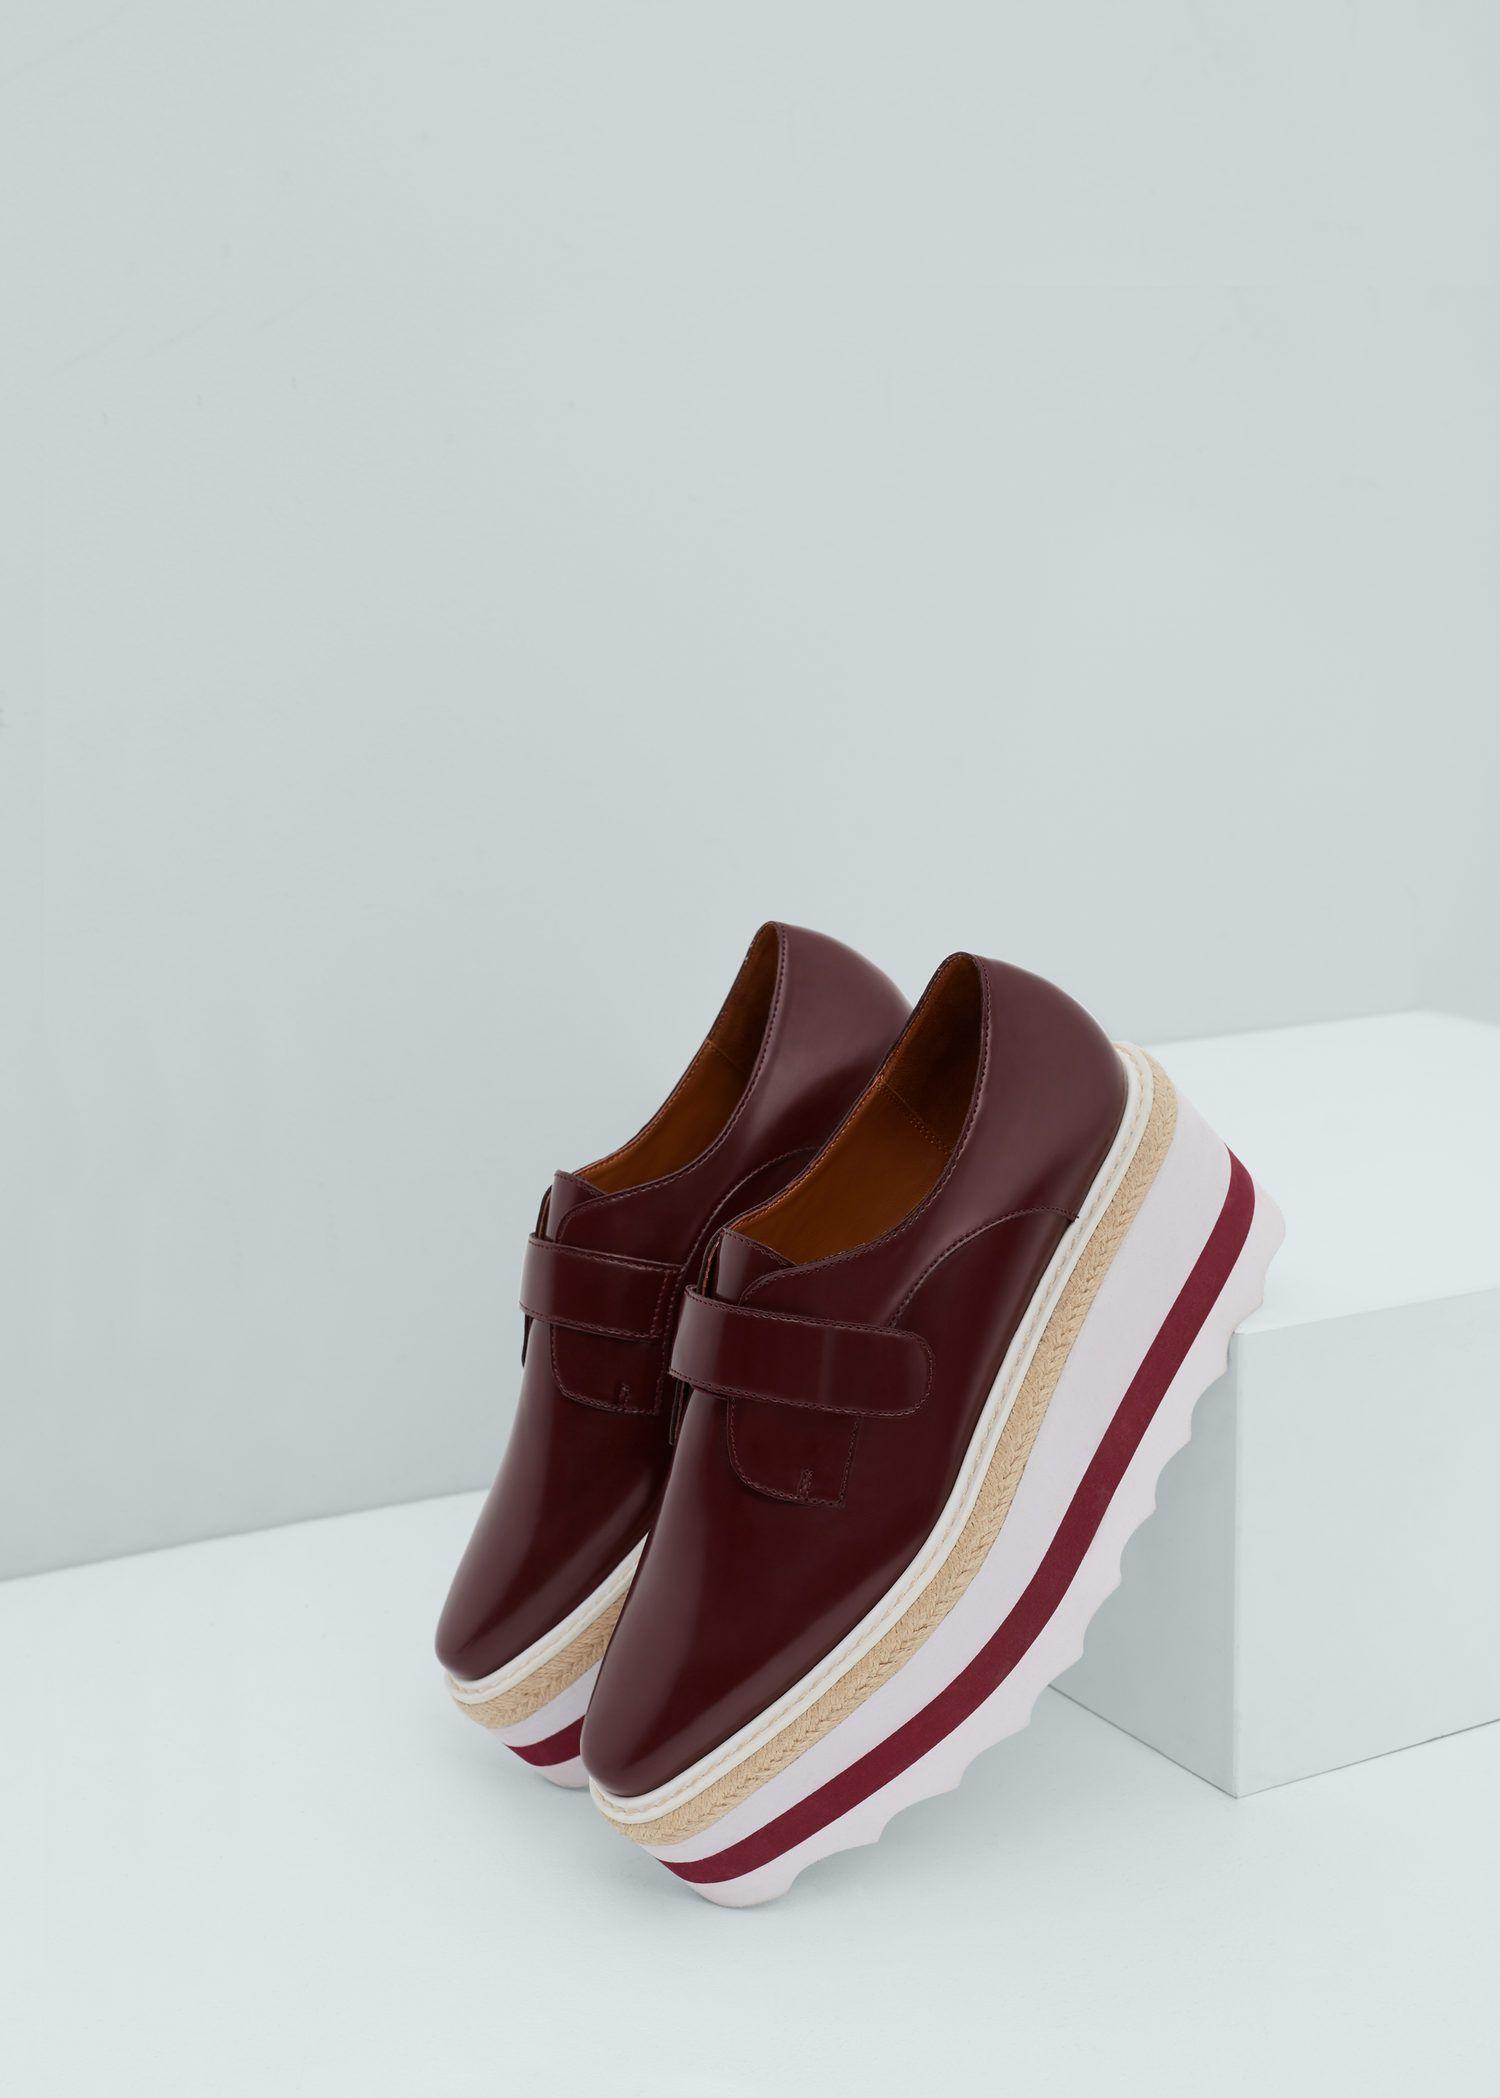 363063b8df6 Contrast platform shoes - Shoes for Women